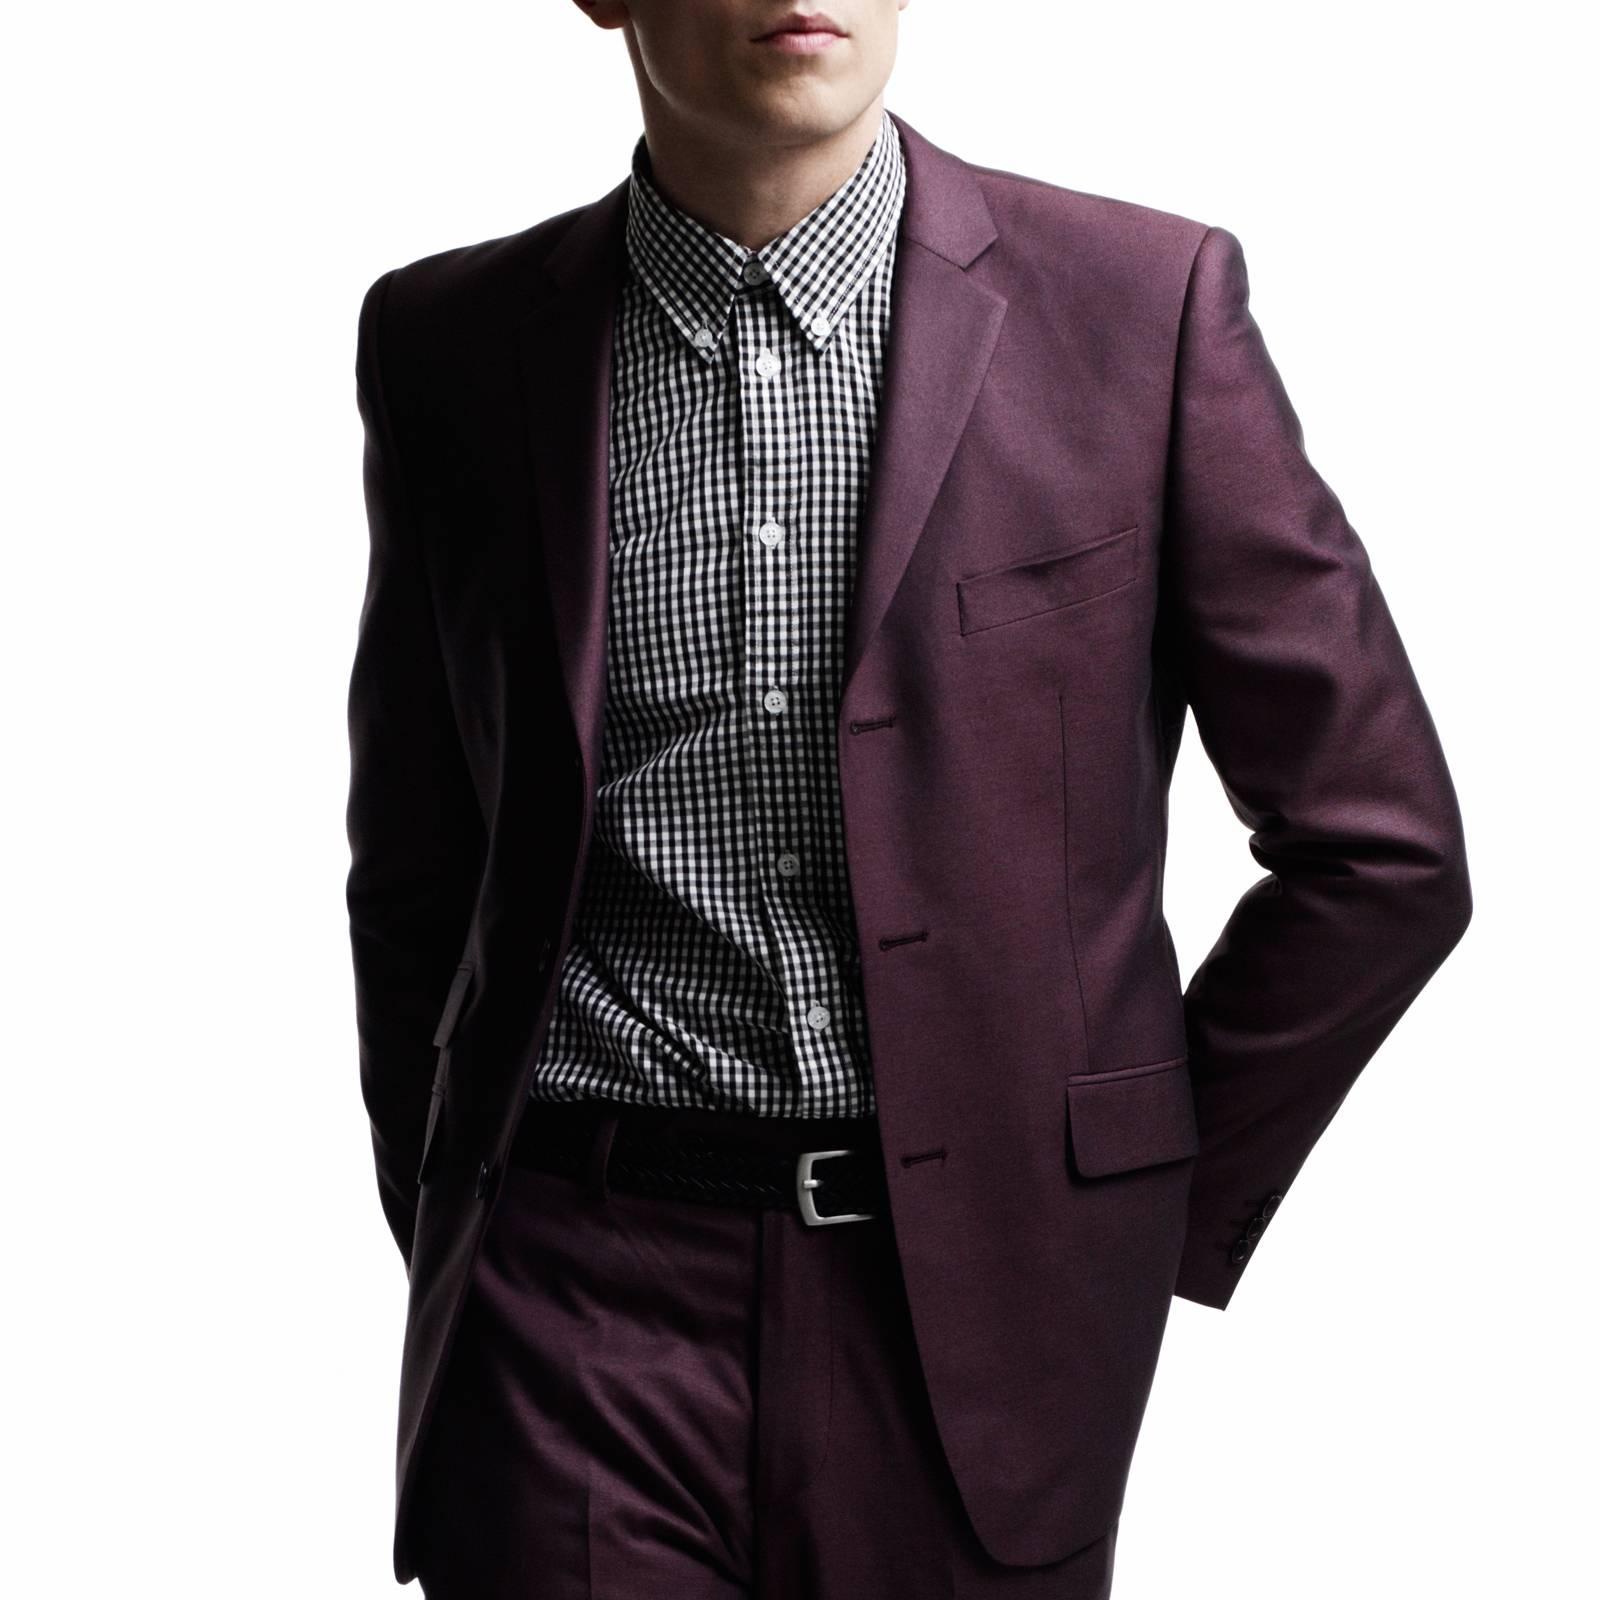 Пиджак Gin JktКостюмы и пиджаки<br>Мужской костюм-двойка из мягкой комбинированной ткани с эффектом отлива – современная стилизация исторической модели Tonic Suit – иконы mod look 60-х, прославленной британскими модами Свингующего Лондона. Прилегающий пиджак с узкими лацканами и декоративны двойным карманом справа, атласная малиновая подкладка, сужающиеся к низу брюки, – именно в такой костюм одевался культовый персонаж знаменитого фильма о мод-культуре Quadrophenia (Квадрофения) – лондонский мод Джим. Знаковым, исконным элементом мод стиля было сочетание Tonic Suit с мешковатой защитно-зеленой военной фиштейл паркой, сохранявшей наряд во время поездки на скутере. Сегодня этот костюм отлично вписывается как в формальный, так и в клубный smart casual дресс-код в сочетании с рубашкой button-down и классической обувью Челси или Дерби. Подкладка - 50% полиэстер, 50% ацетат.<br><br>Артикул: 1210109J<br>Материал: 77% полиэстер, 23% вискоза<br>Цвет: бордовый<br>Пол: Мужской